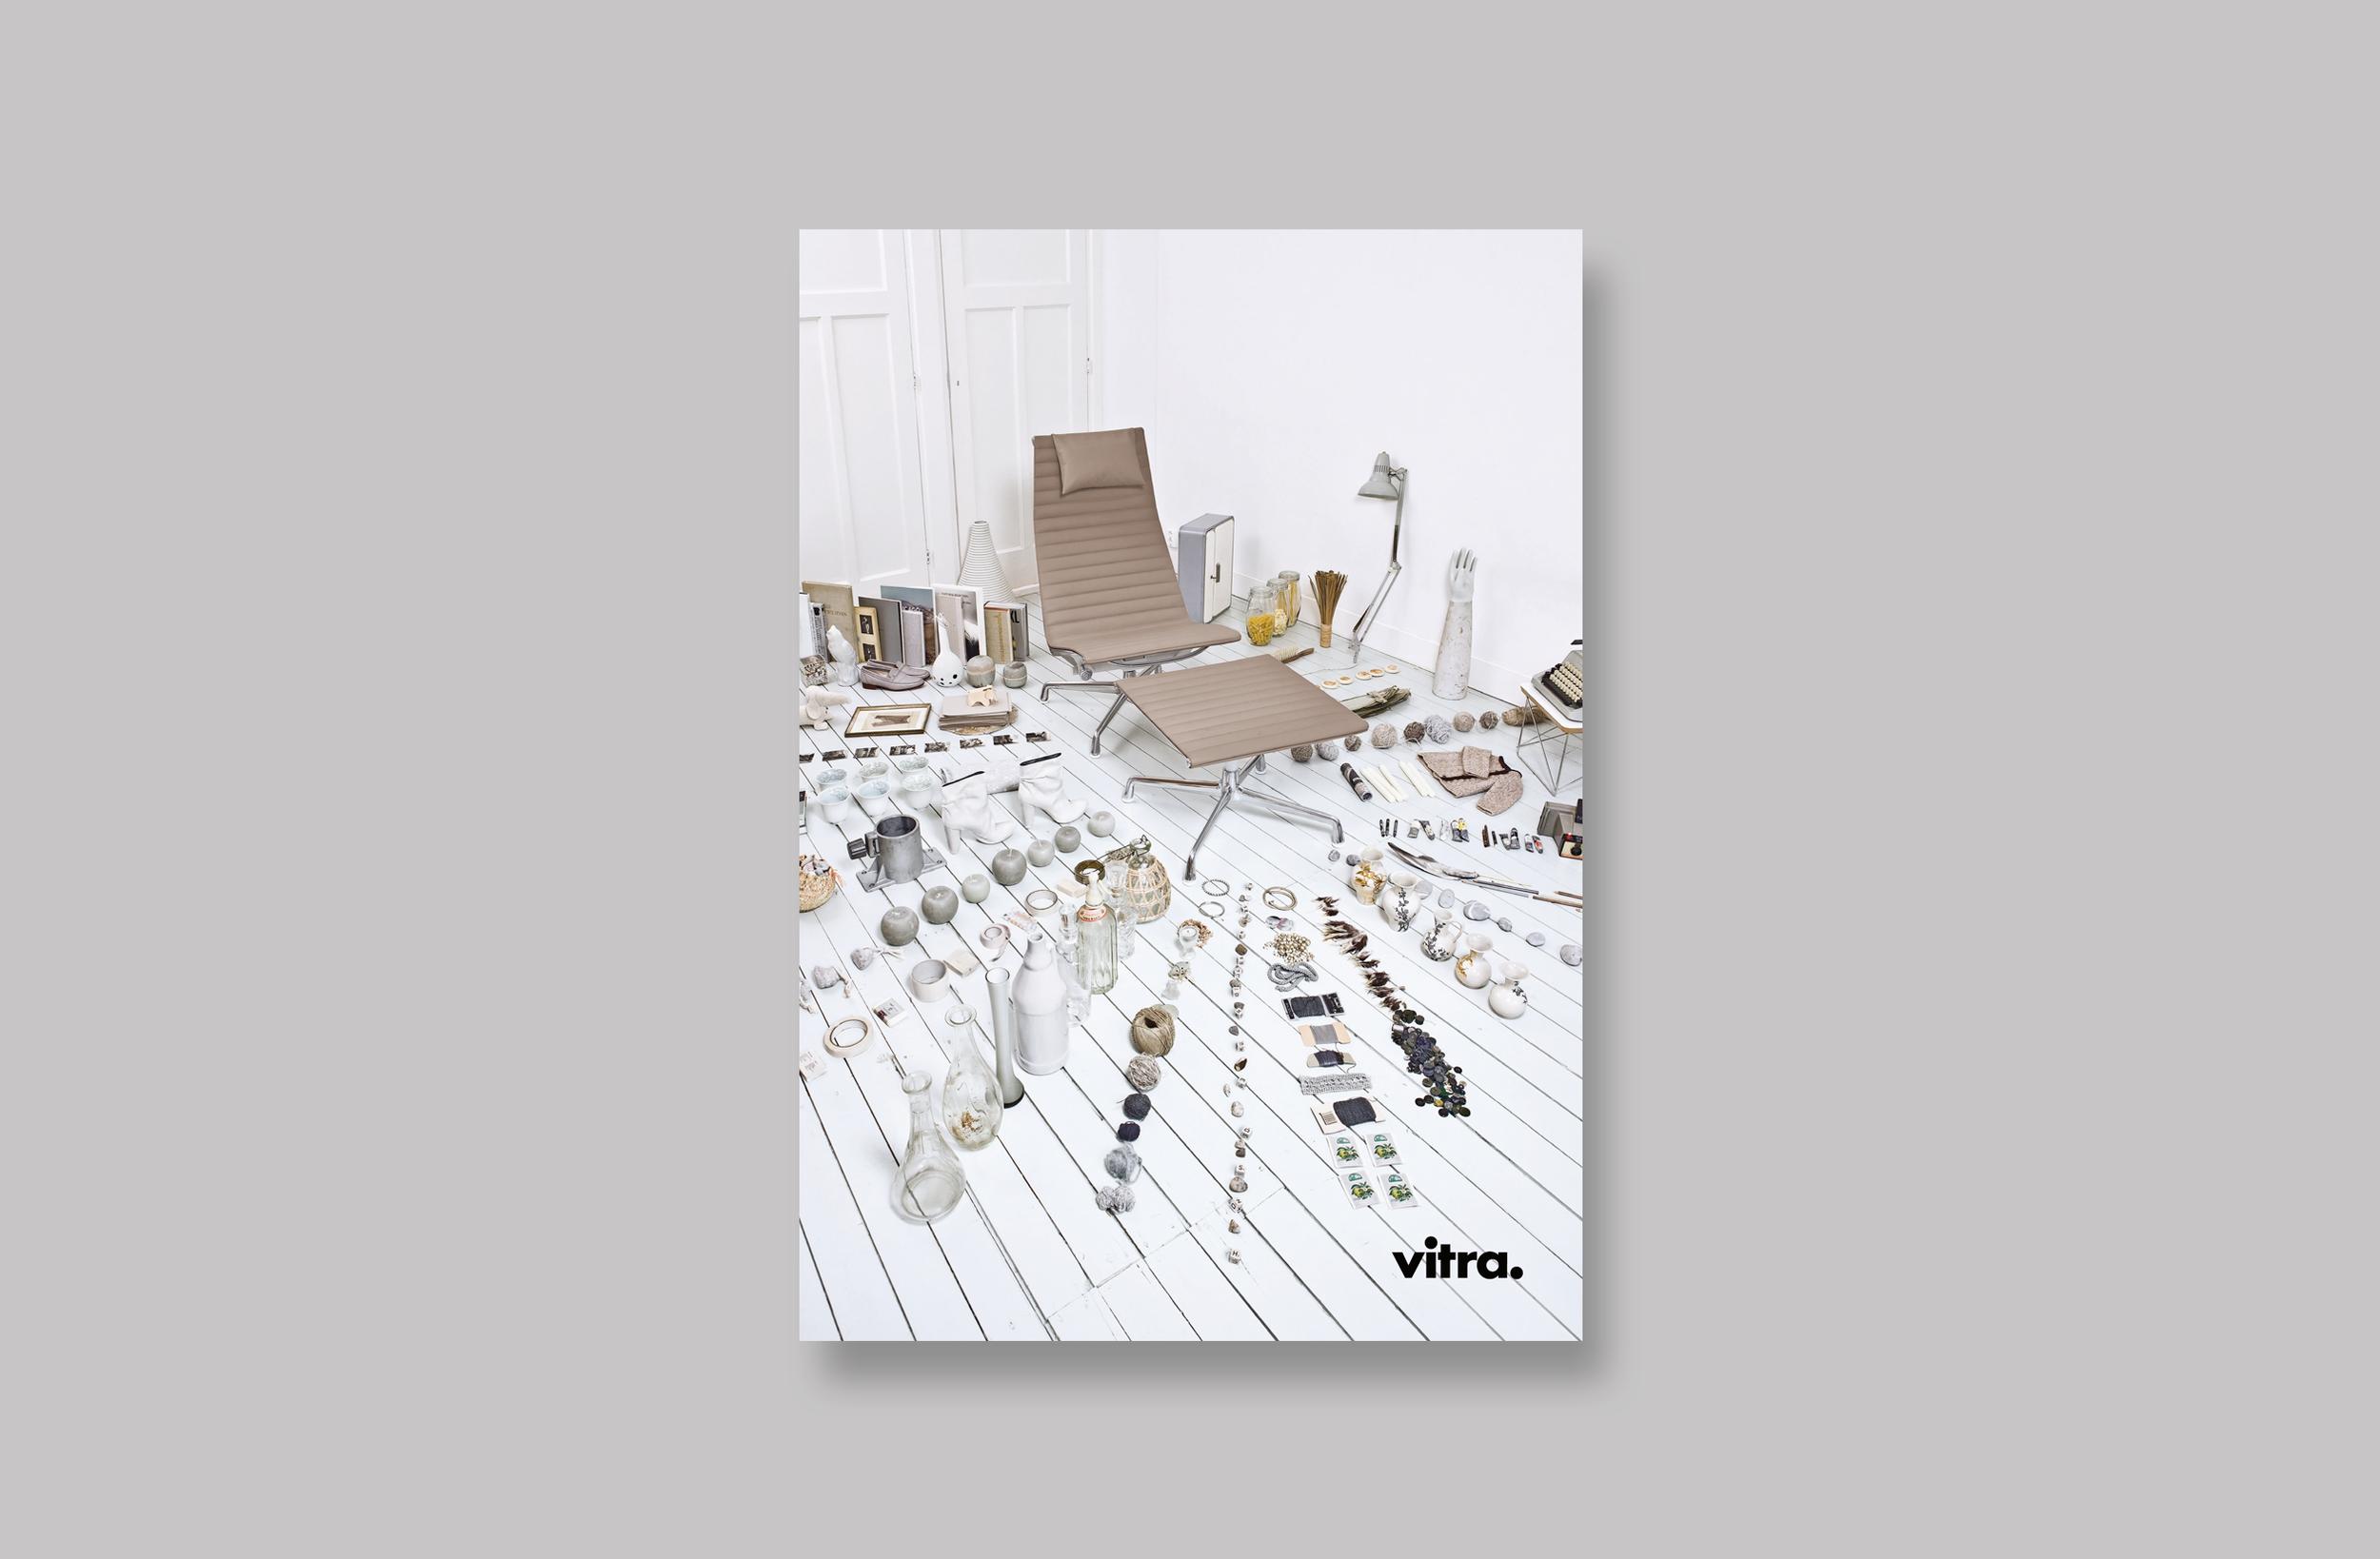 vitra-at-home.png